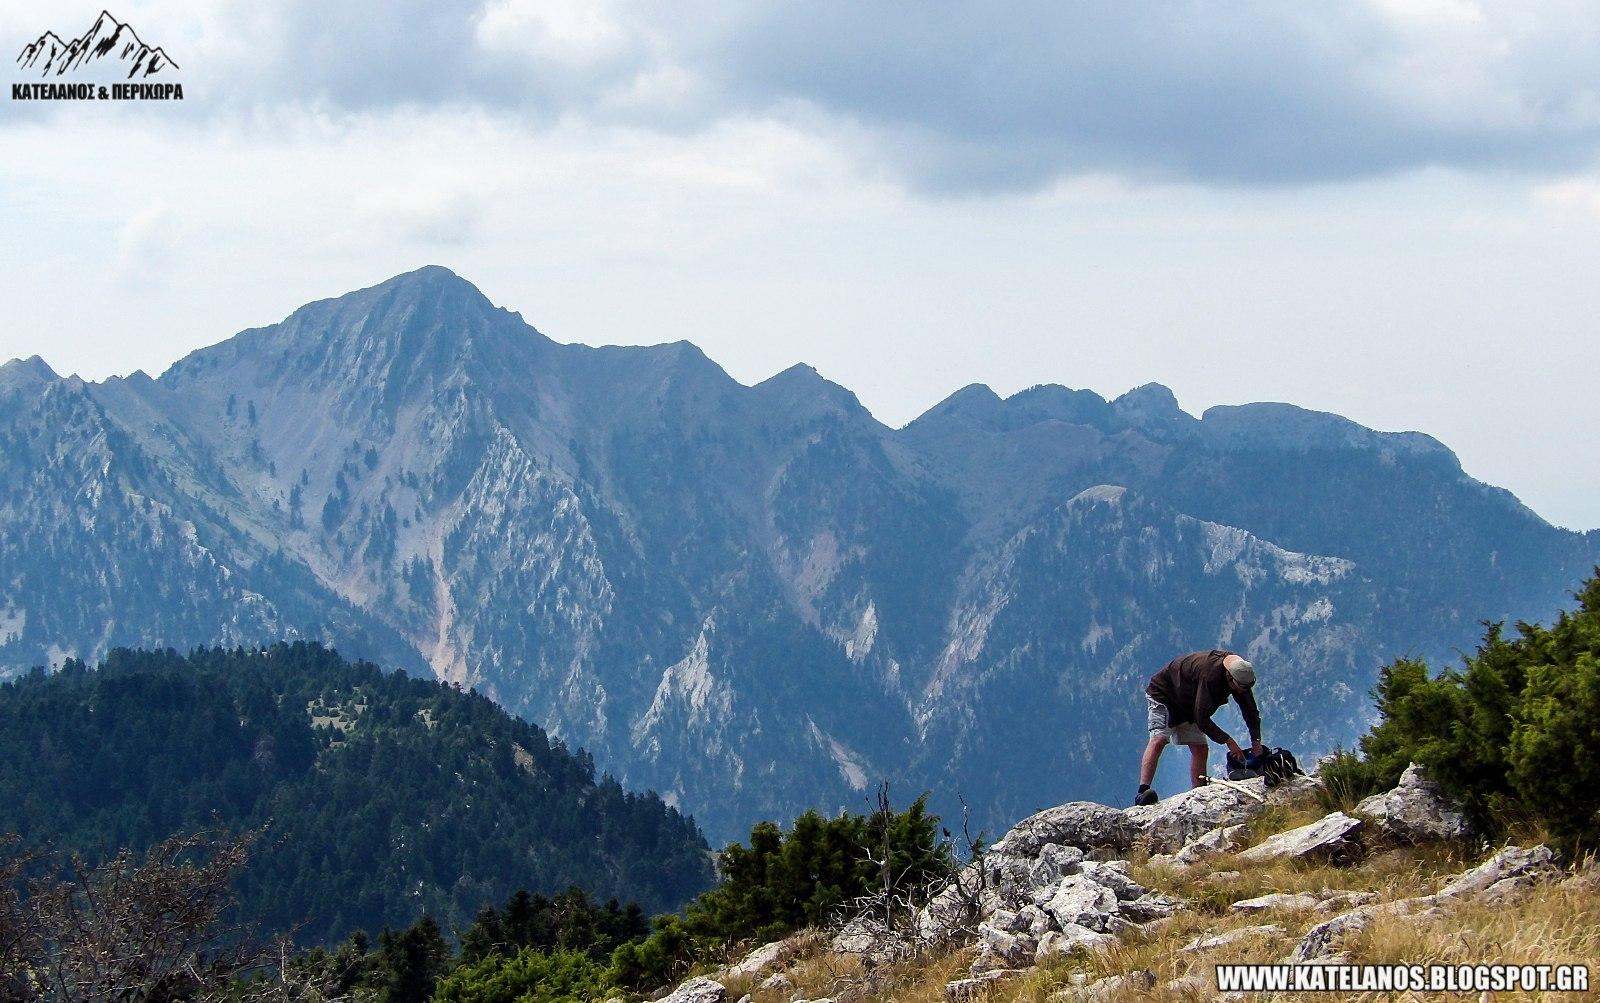 βουνα αγιου βλασιου κουτουπας προφητης ηλιας παναιτωλικο ορος αιτωλοακαρνια